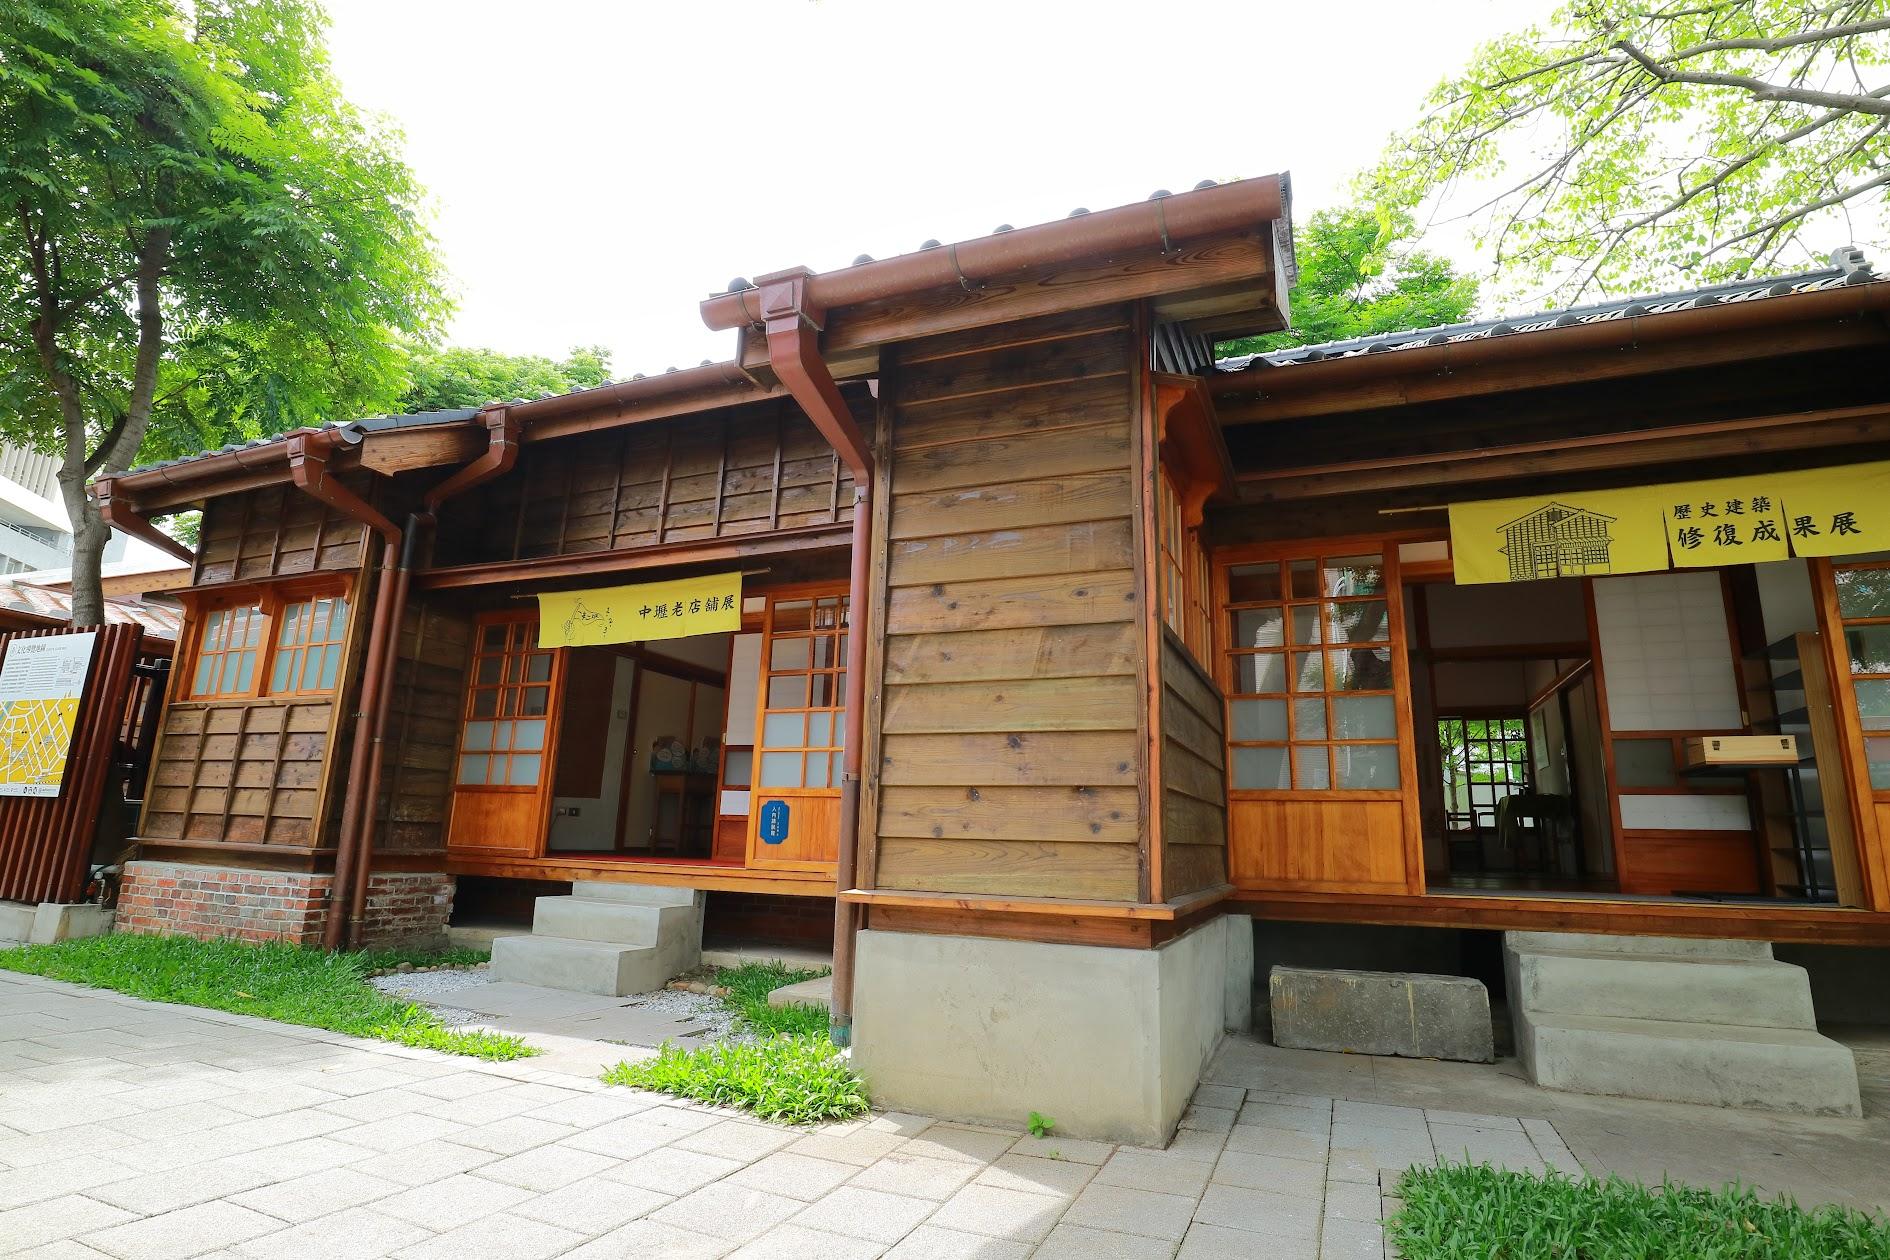 【旅行】中壢城市故事館 走進時光機的日式老屋